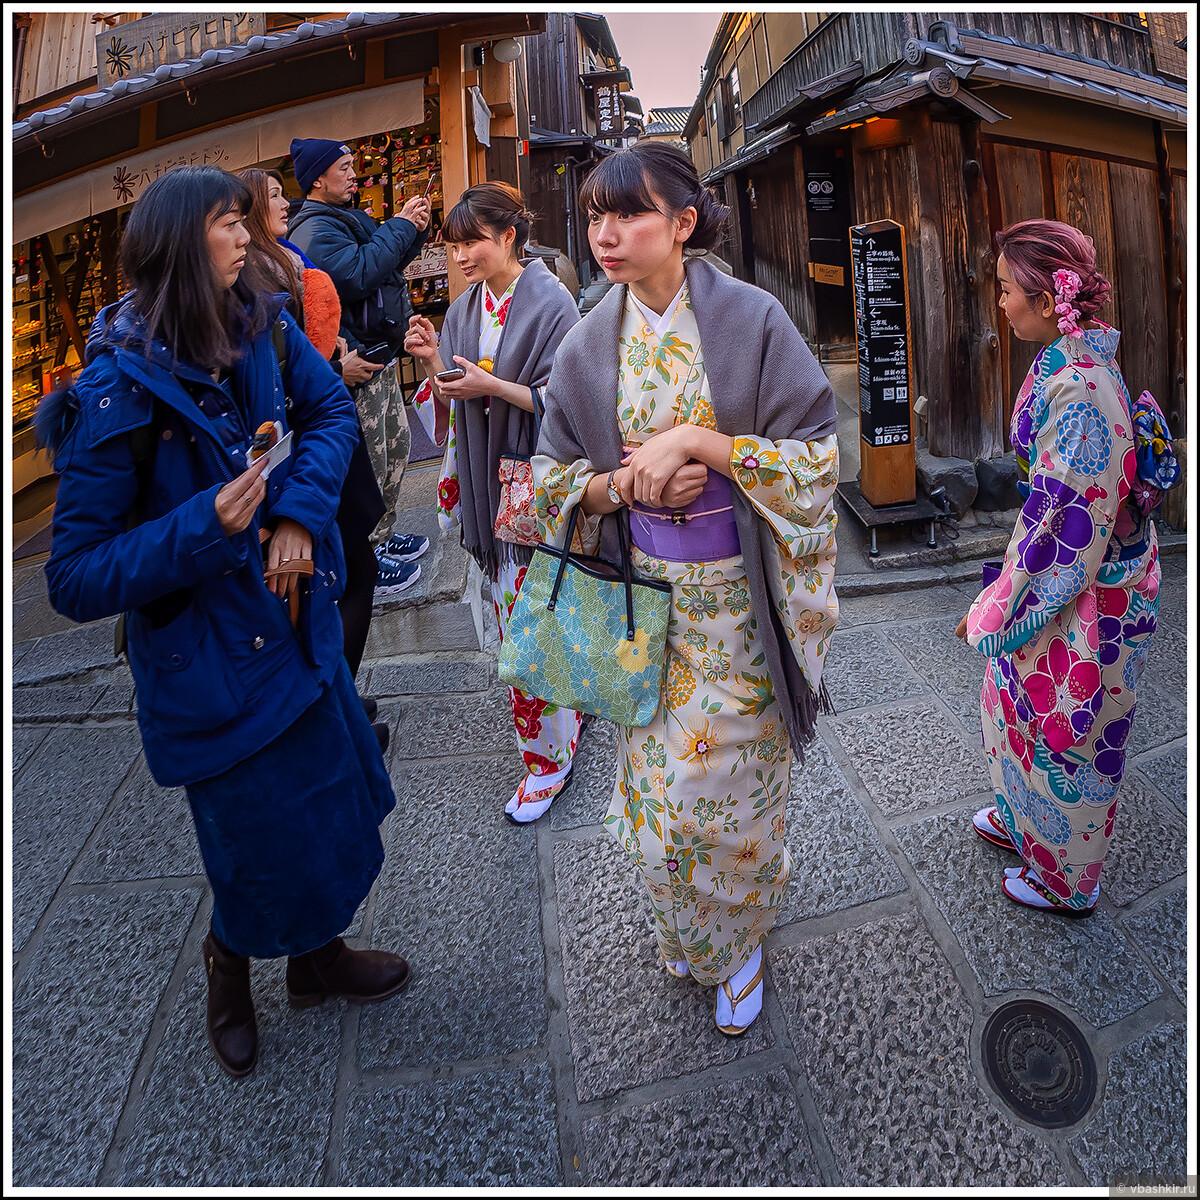 """Фото из альбома """"Исчезающий ниндзя или Киото+"""", Киото, Япония"""